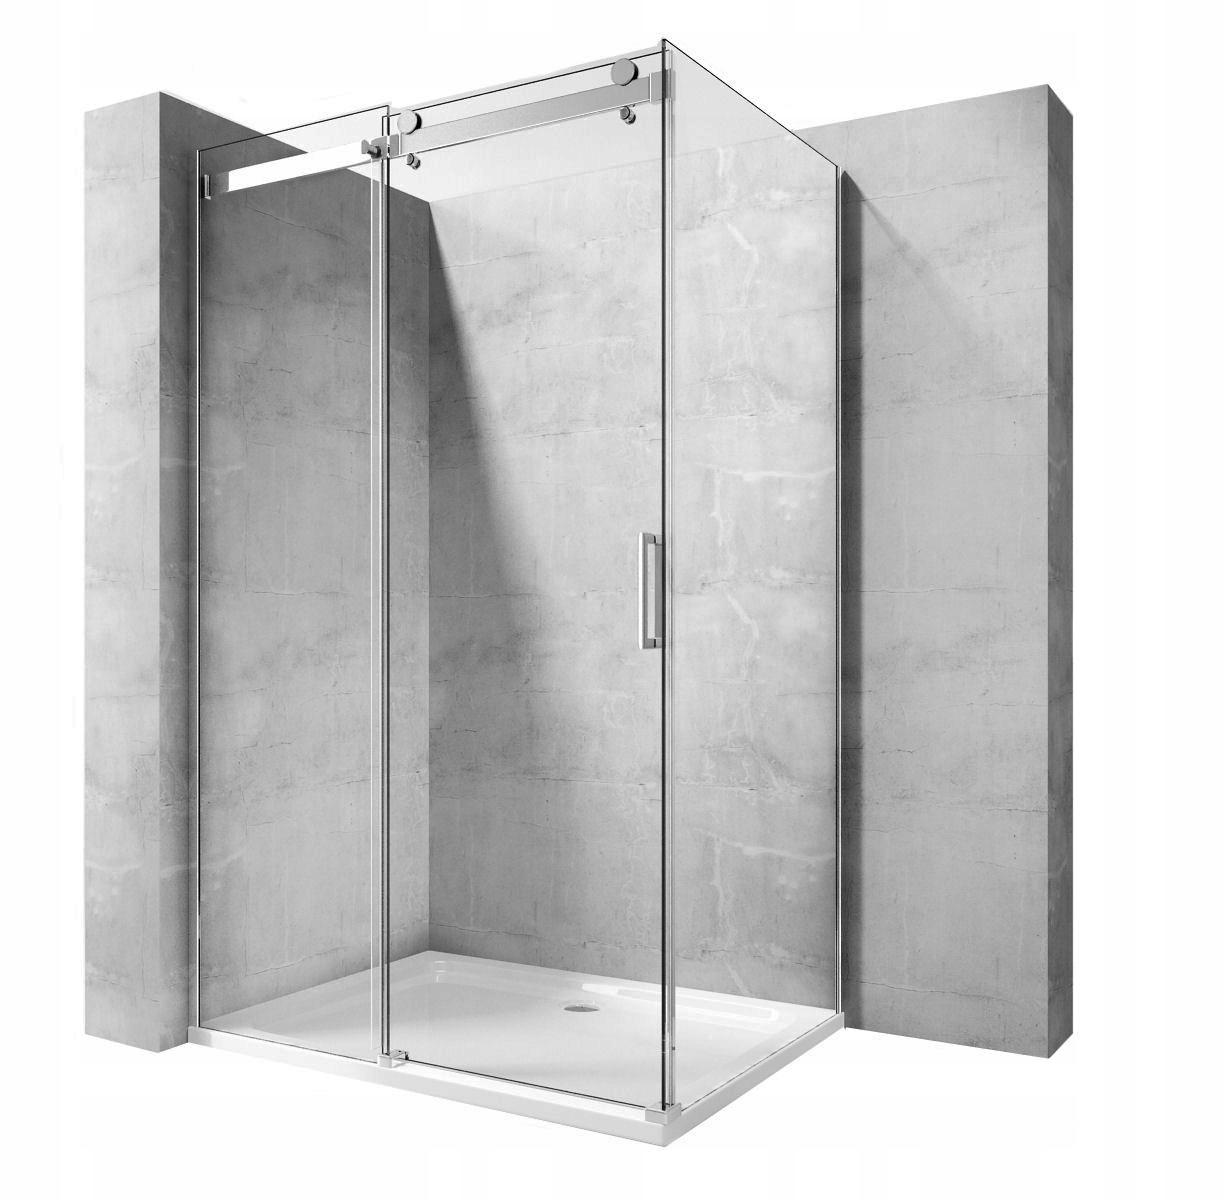 POSUVNÉ sprchové 140x100 cm, SKLO 8 MM